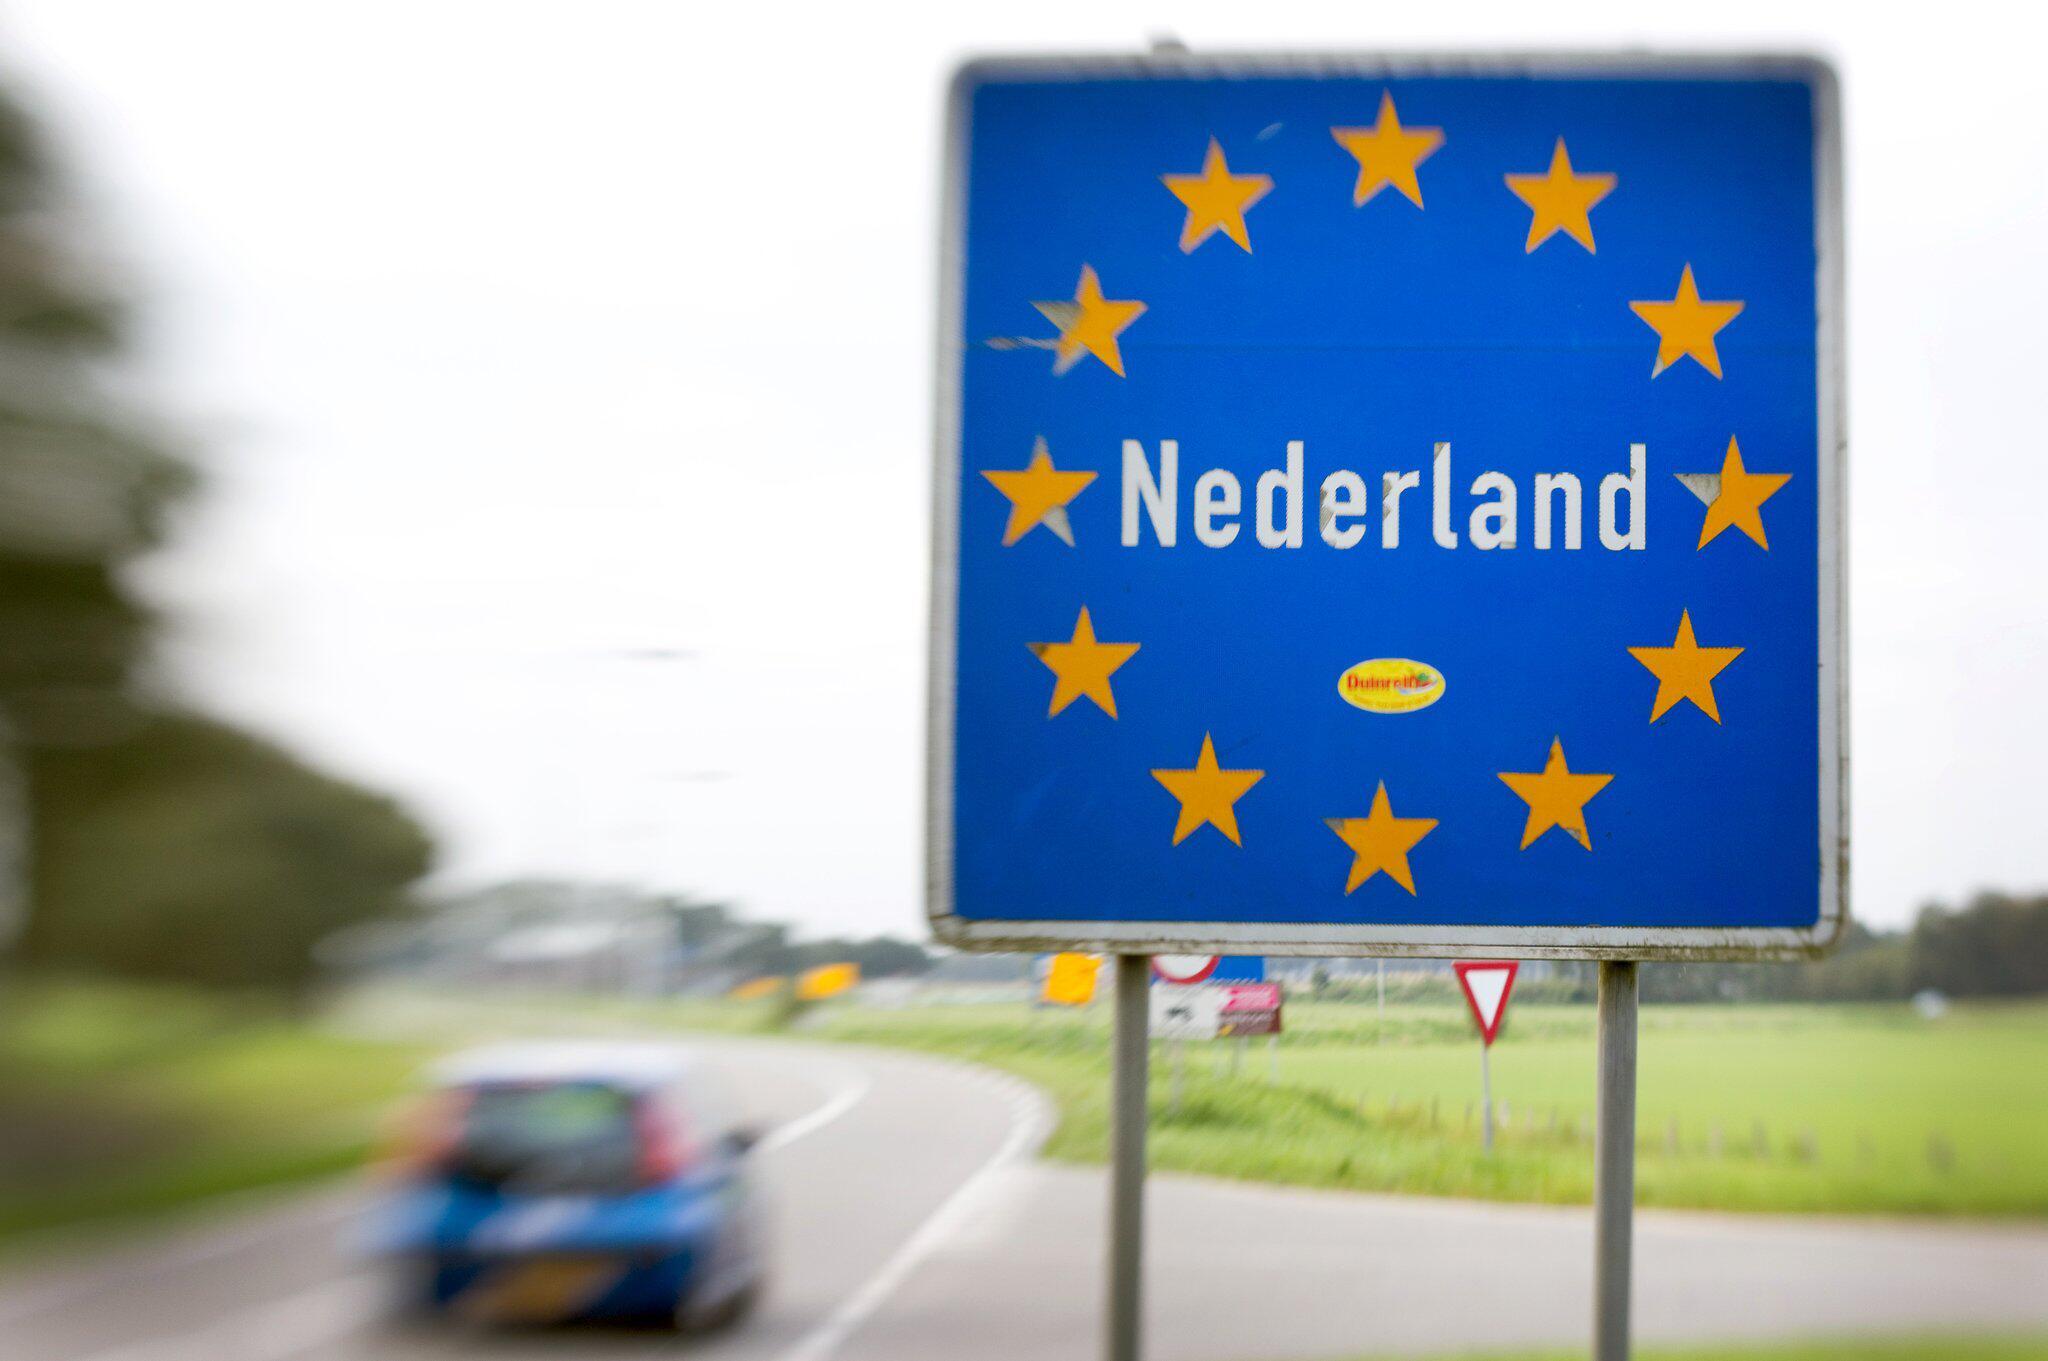 Bild zu Tempo 100 auf niederländischen Autobahnen